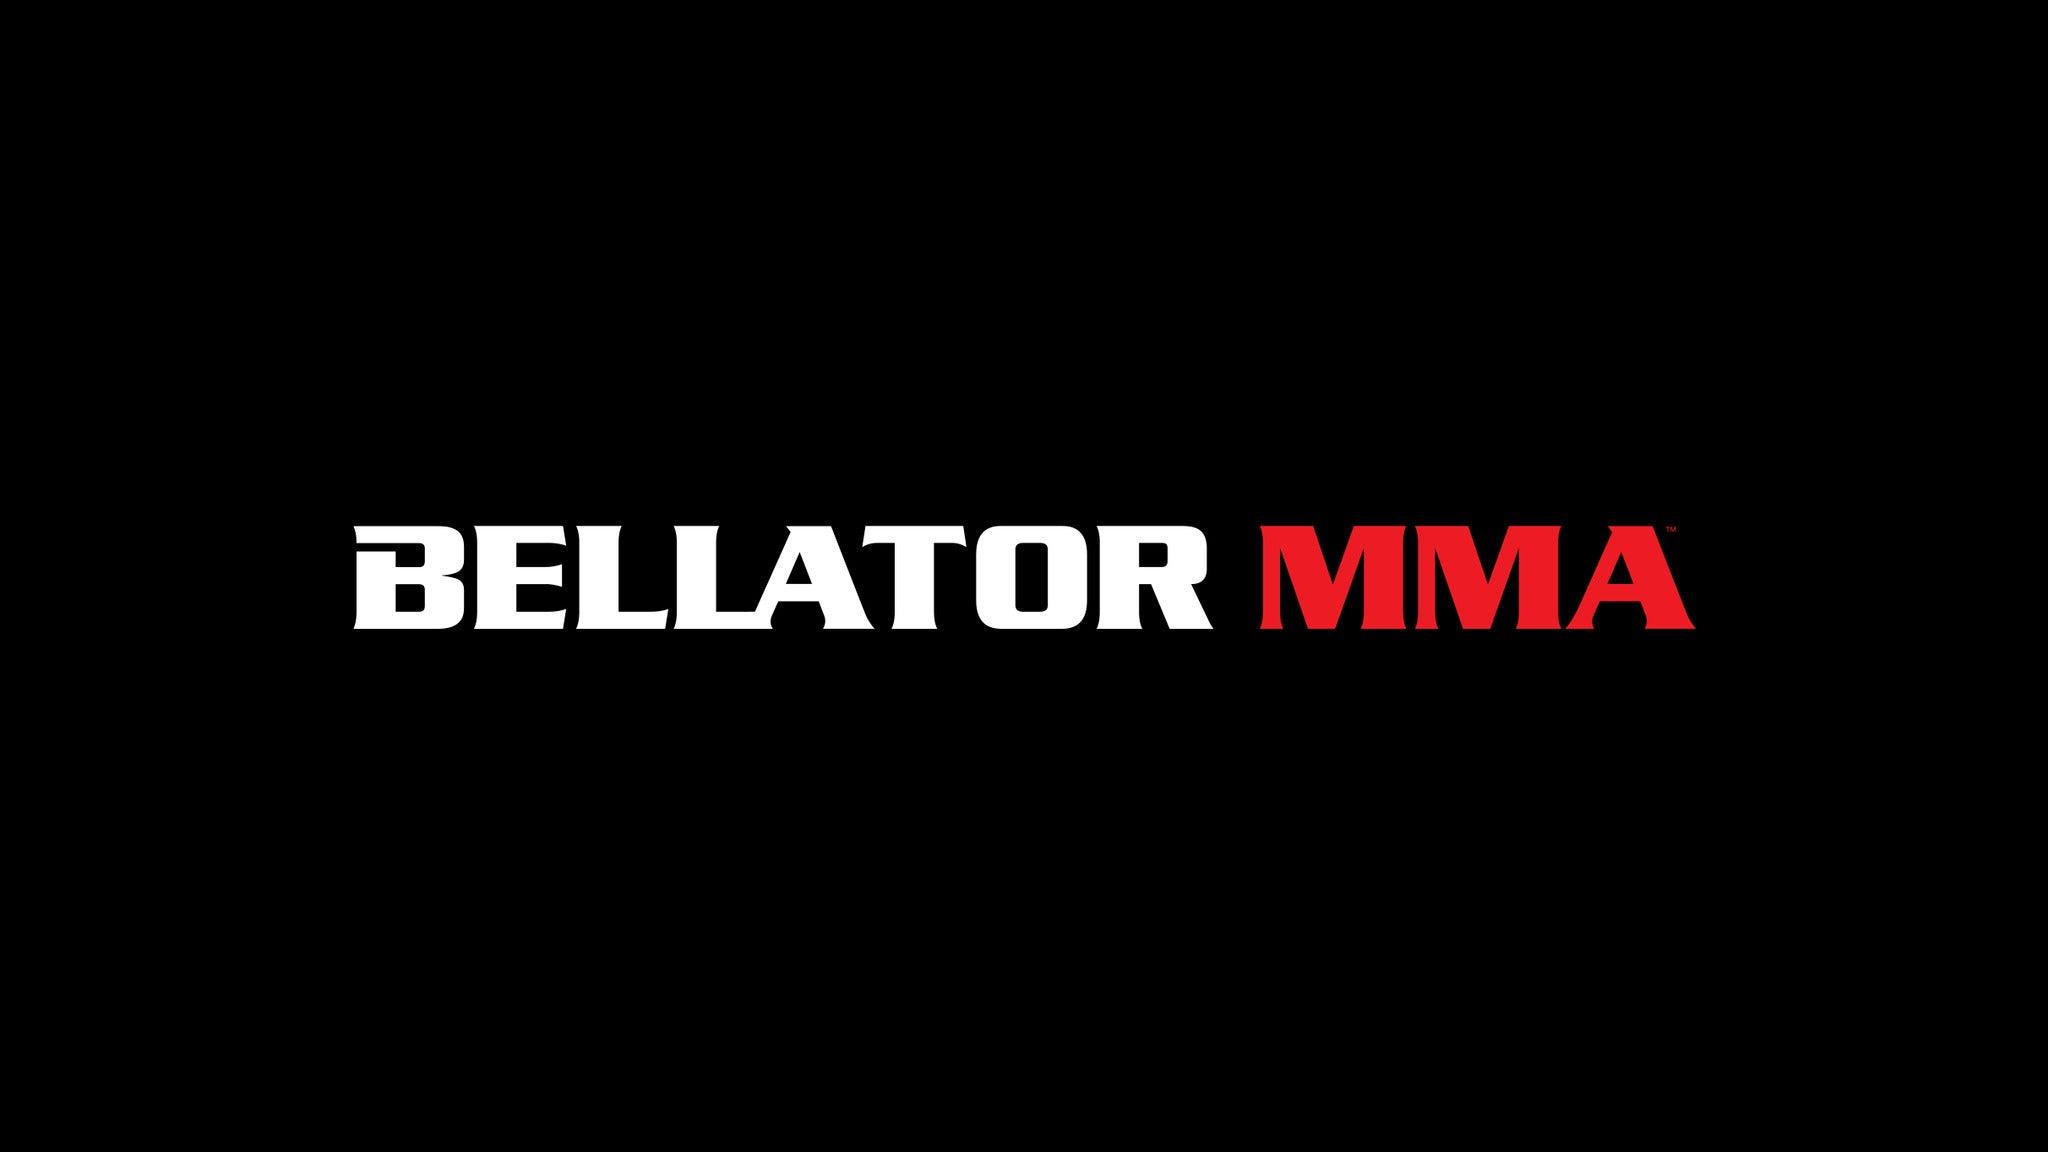 Bellator MMA 272 at Mohegan Sun Arena